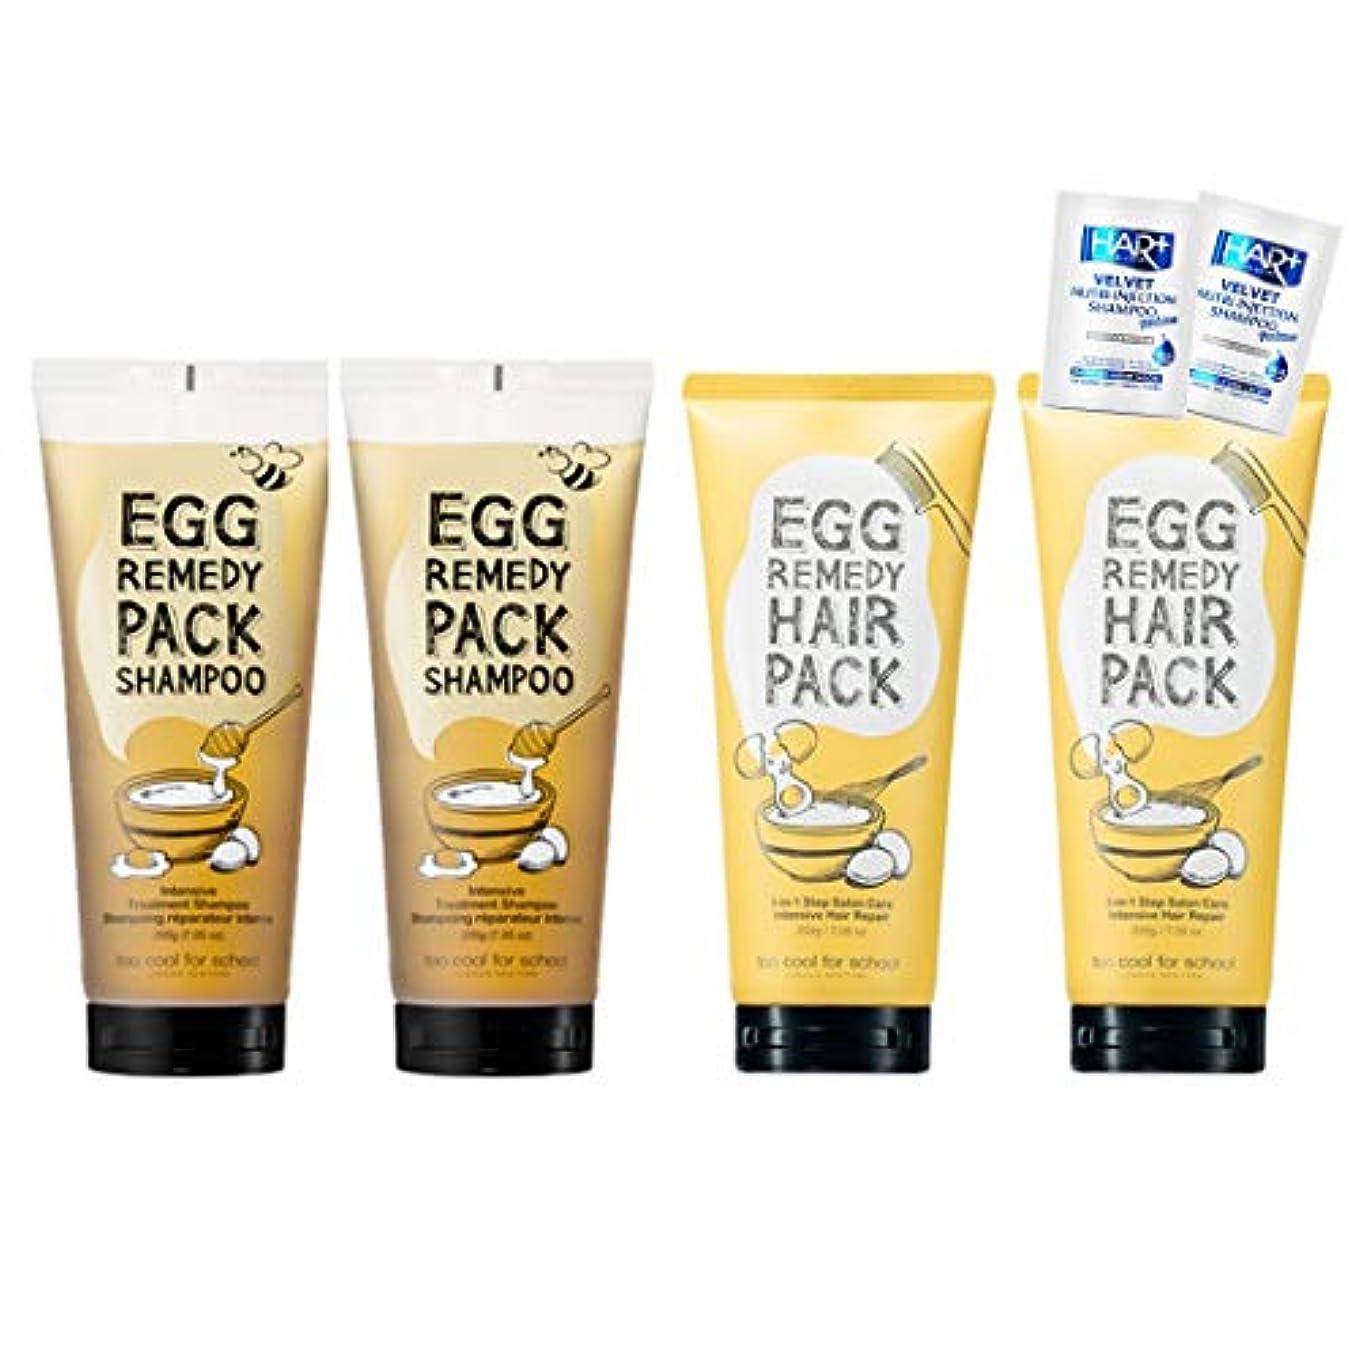 雷雨敵容赦ないトゥークールフォ―スクール(too cool for school)/エッグレミディパックシャンプーtoo cool for school Egg Remedy Pack Shampoo 200ml X 2EA + エッグレミディヘアパック...